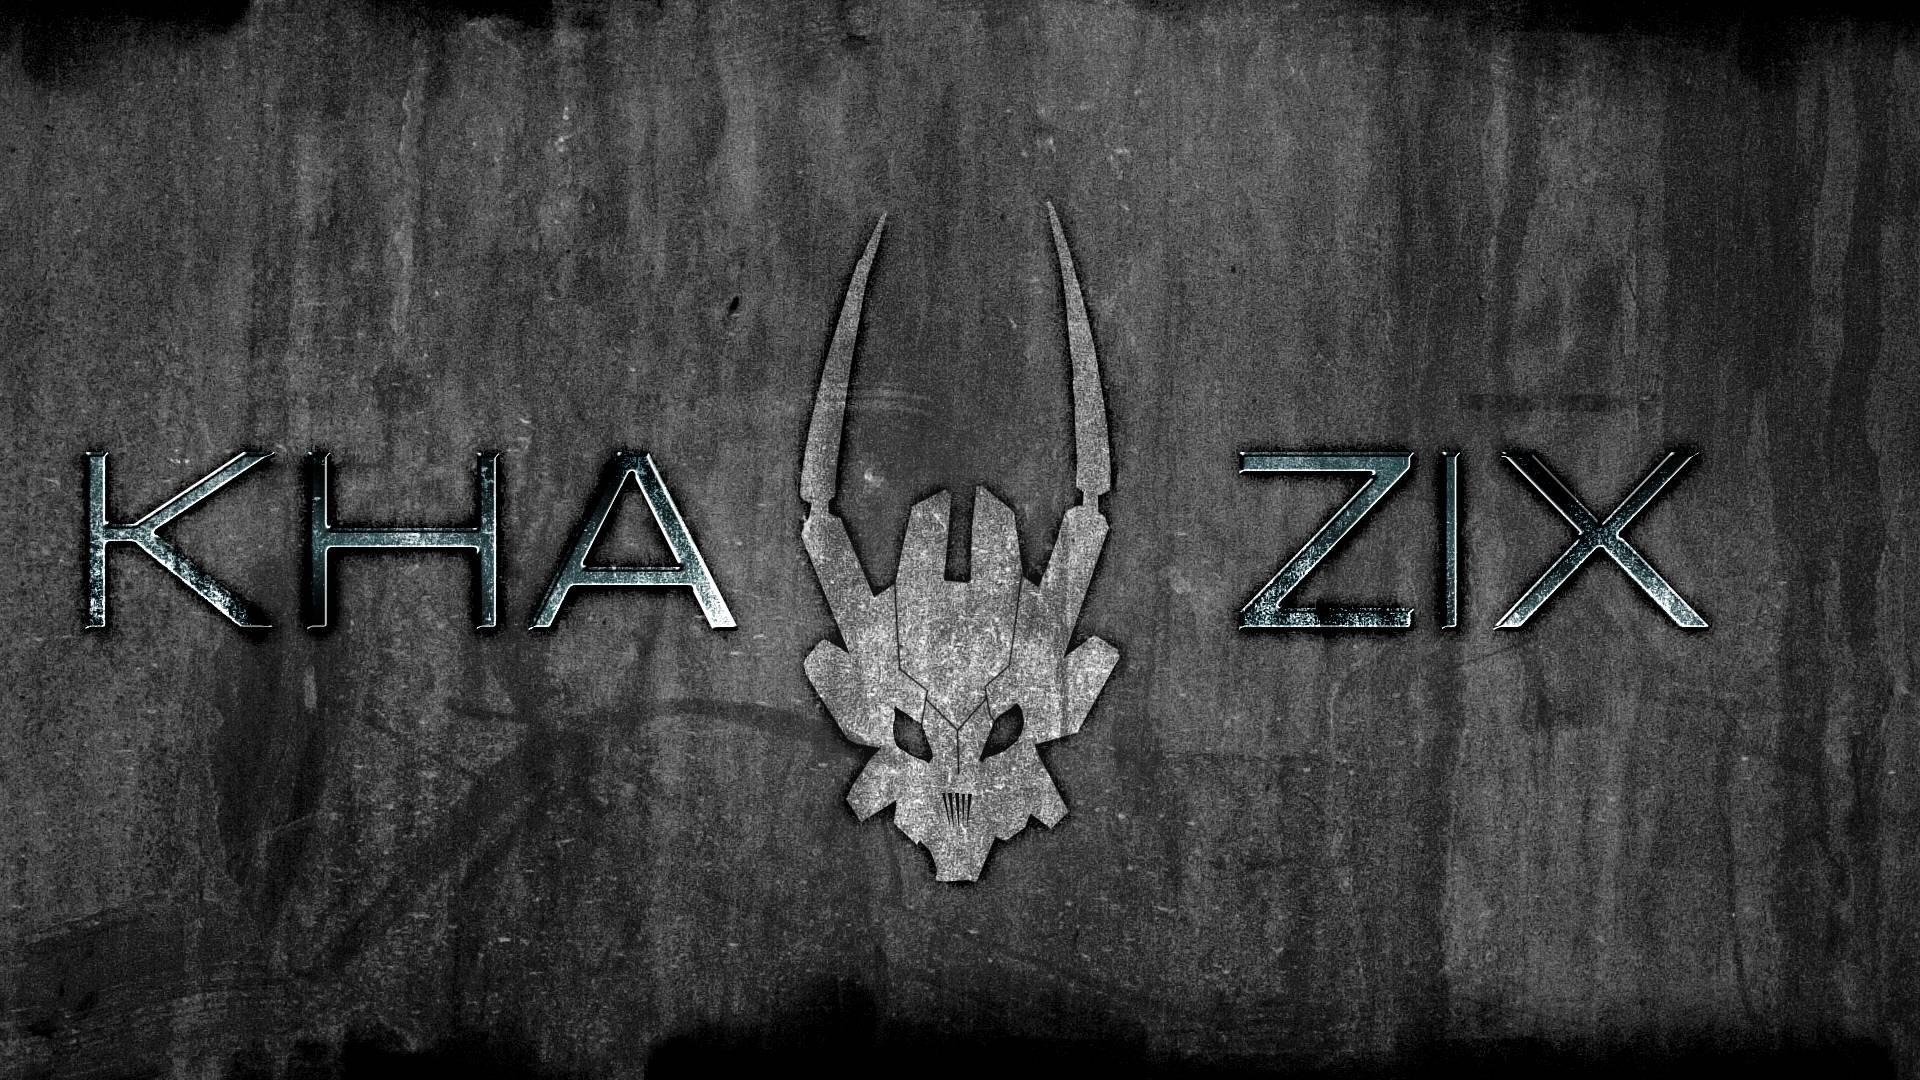 Kha'Zix wallpaper